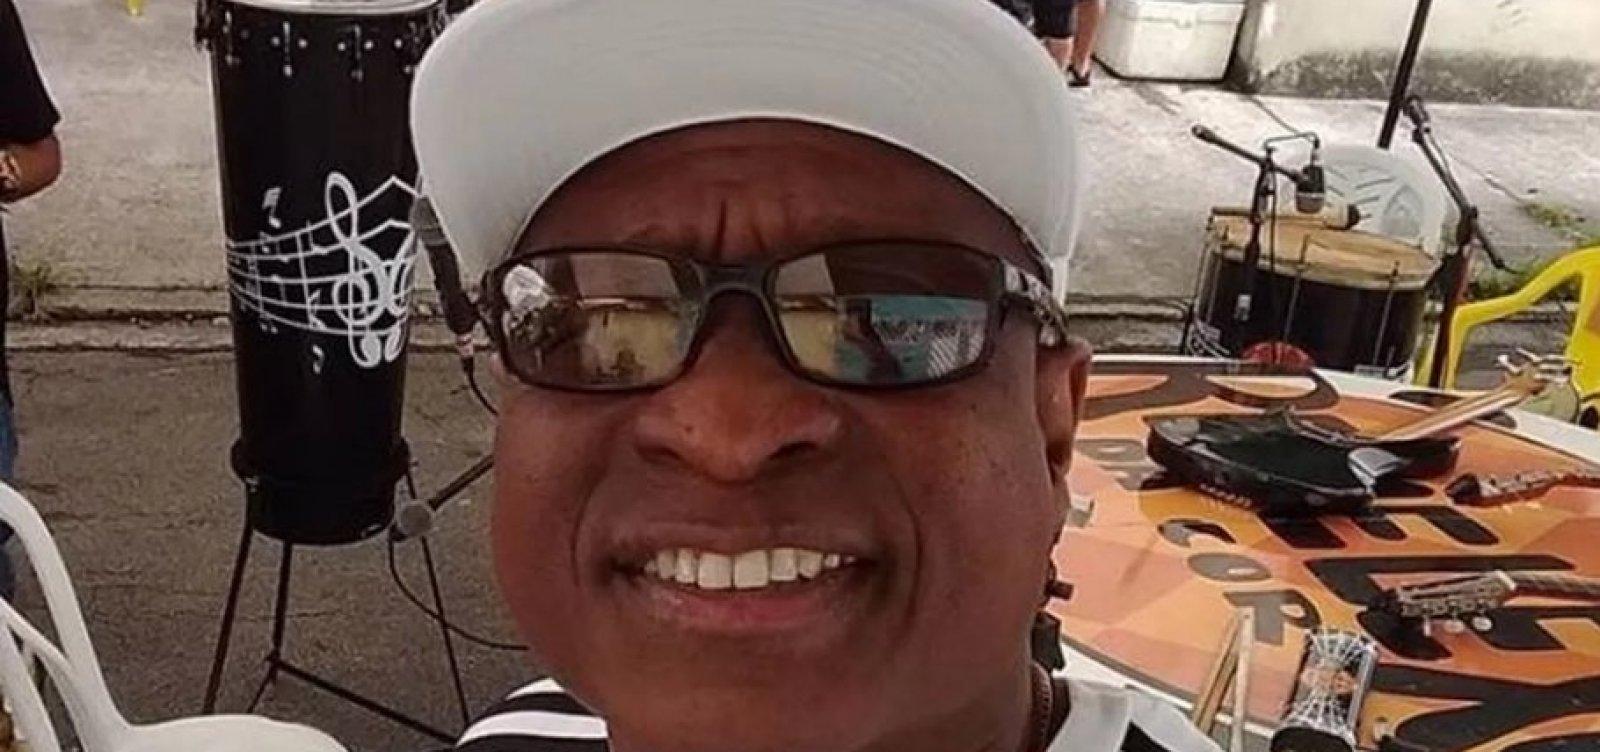 [Músico morre após Exército fuzilar carro de família no Rio de Janeiro]